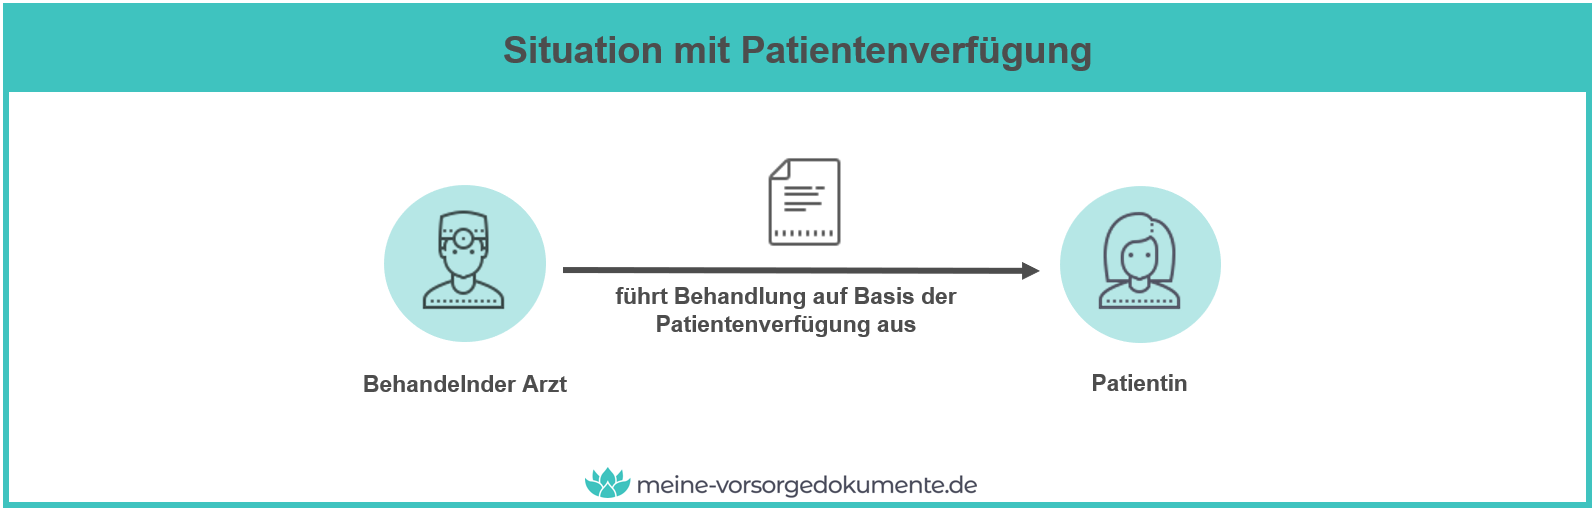 Situation mit Patientenverfügung